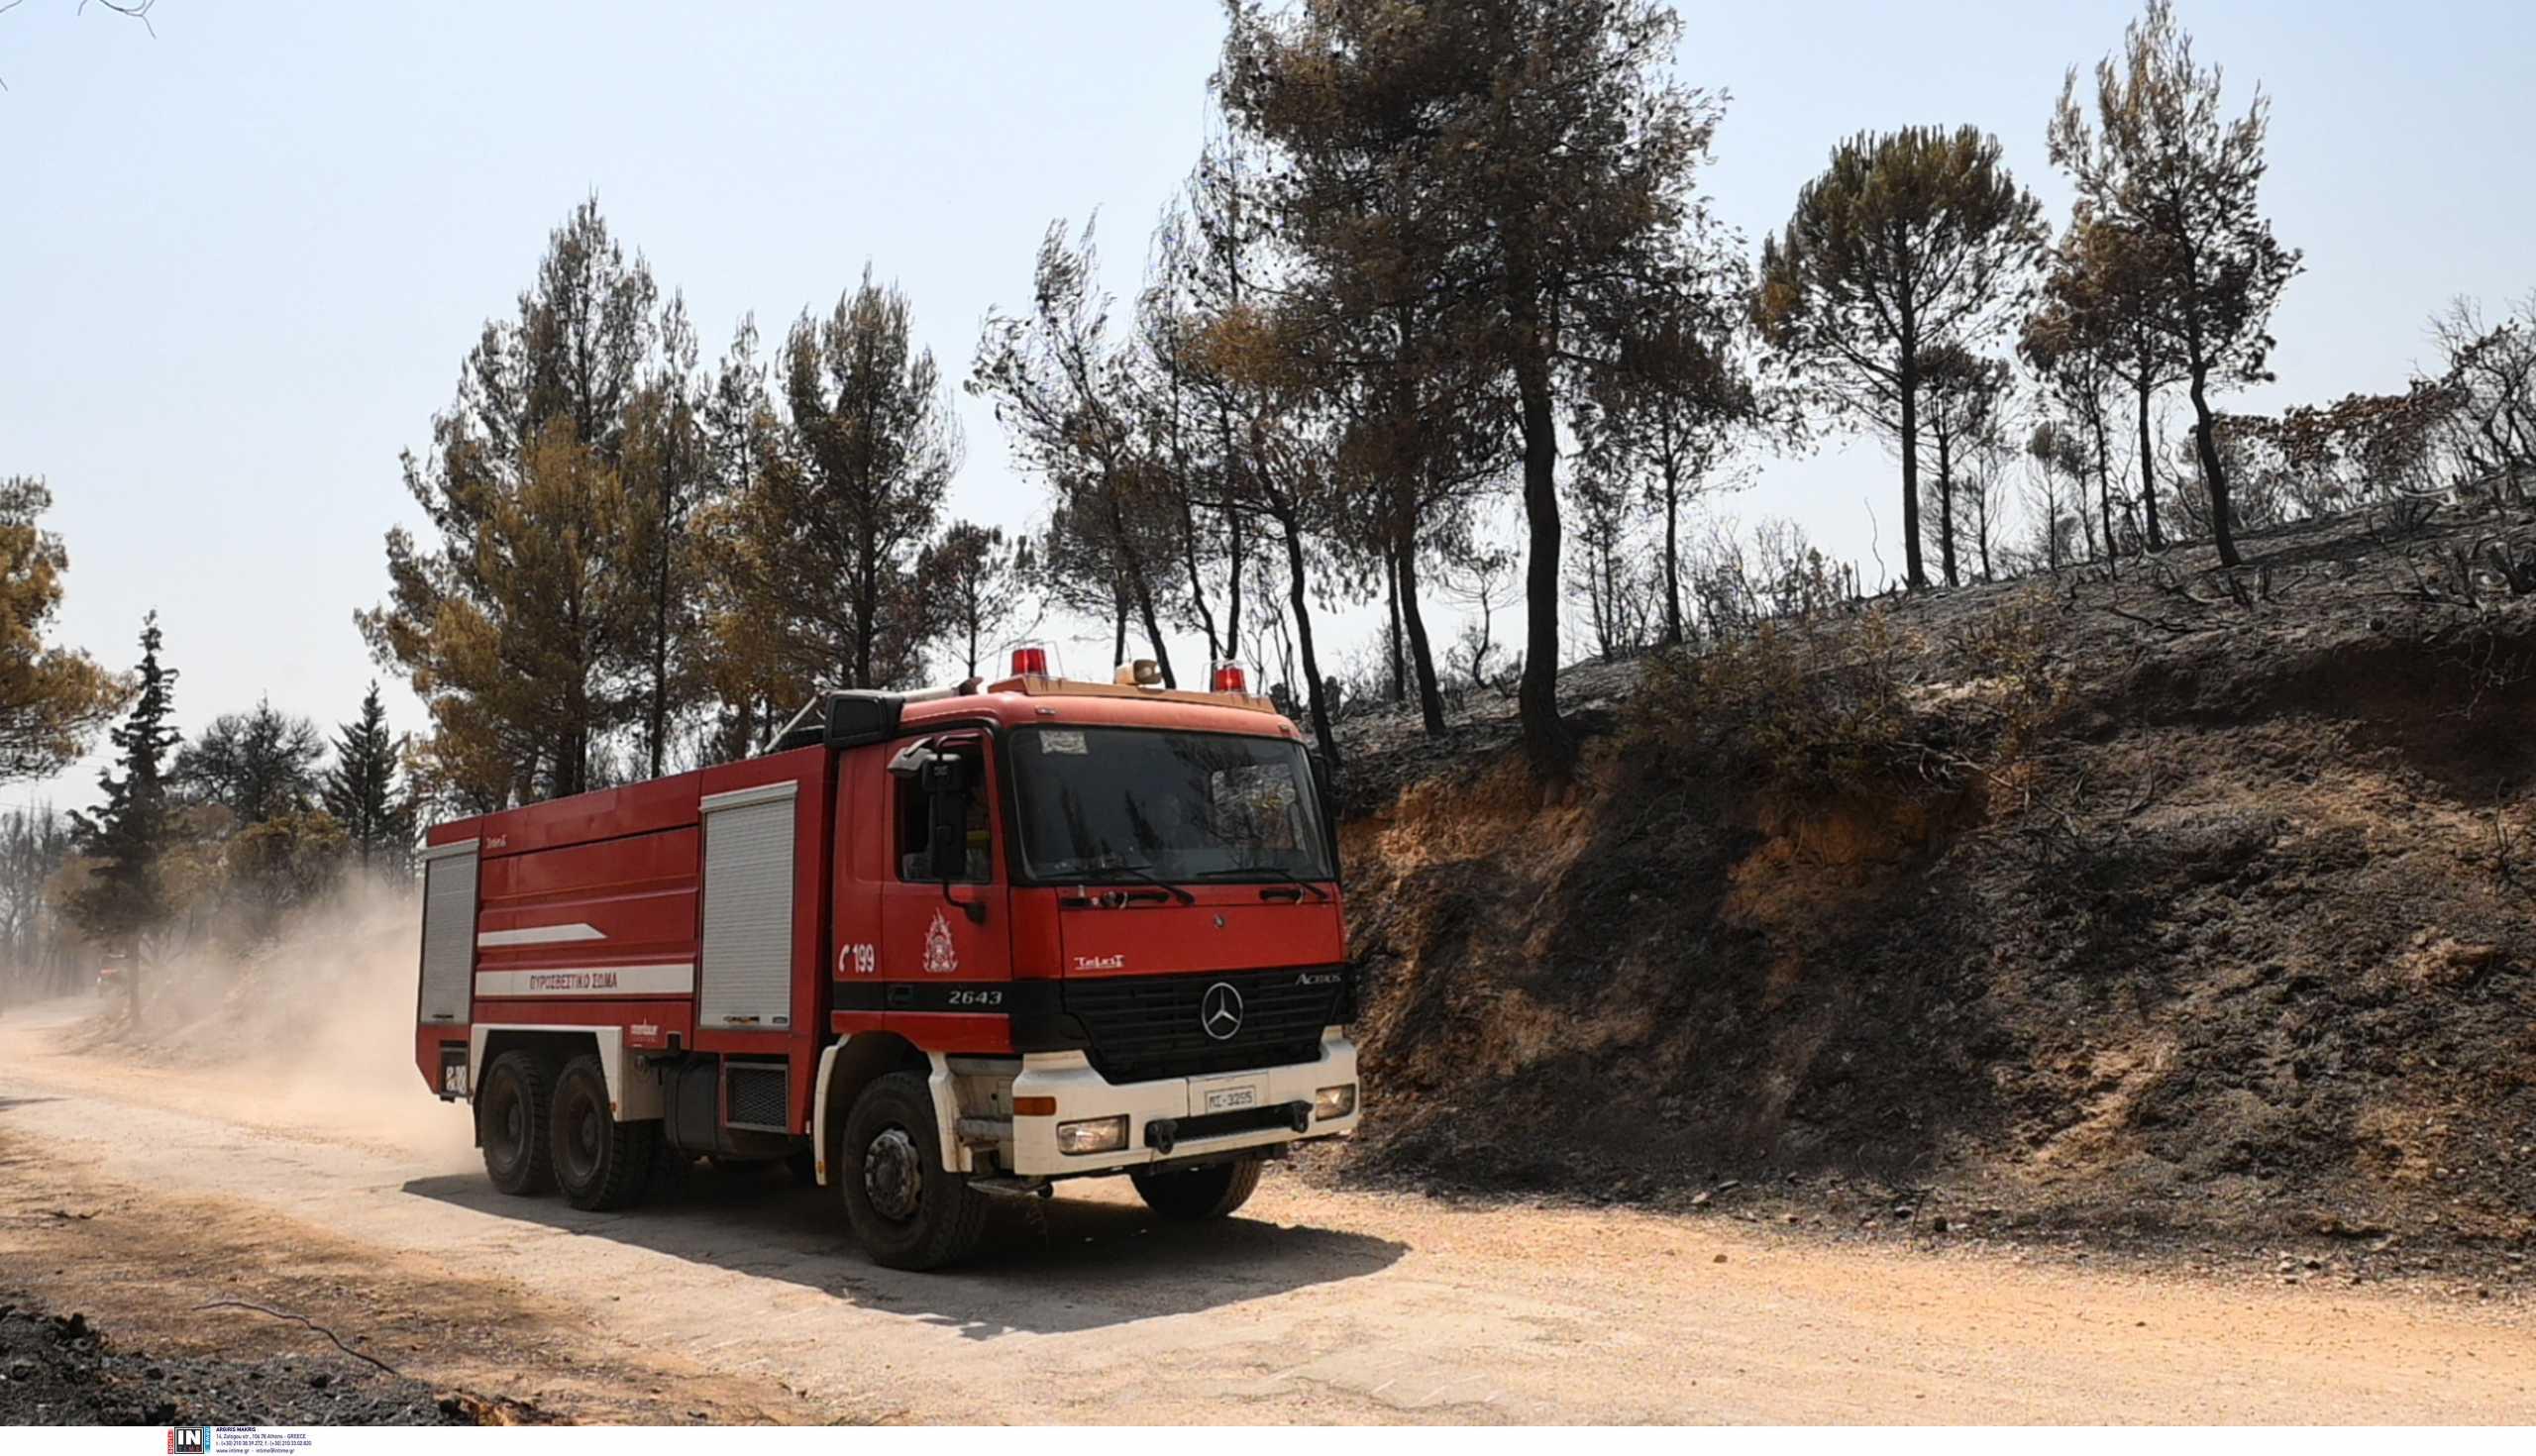 Ηράκλειο: Φωτιά κοντά στο αεροδρόμιο της Πολεμικής Αεροπορίας